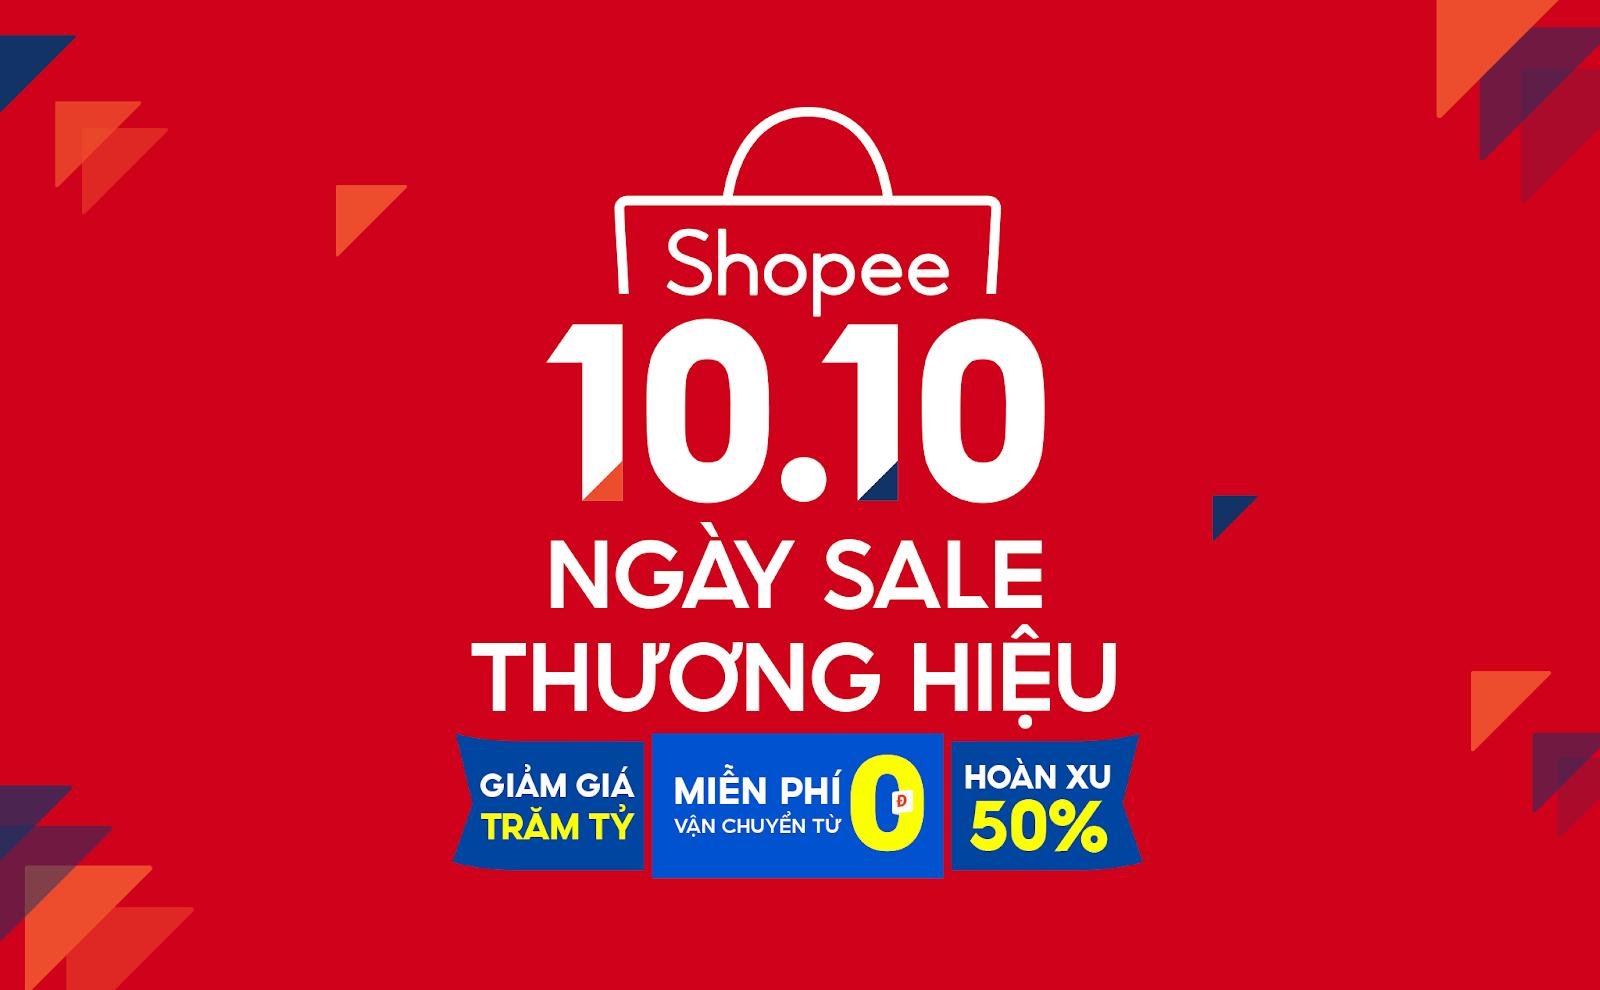 Khởi động 10.10 Ngày Sale Thương Hiệu cùng Shopee: Loạt siêu phẩm đỉnh cao cùng cơ hội hoàn xu lên tới 50%